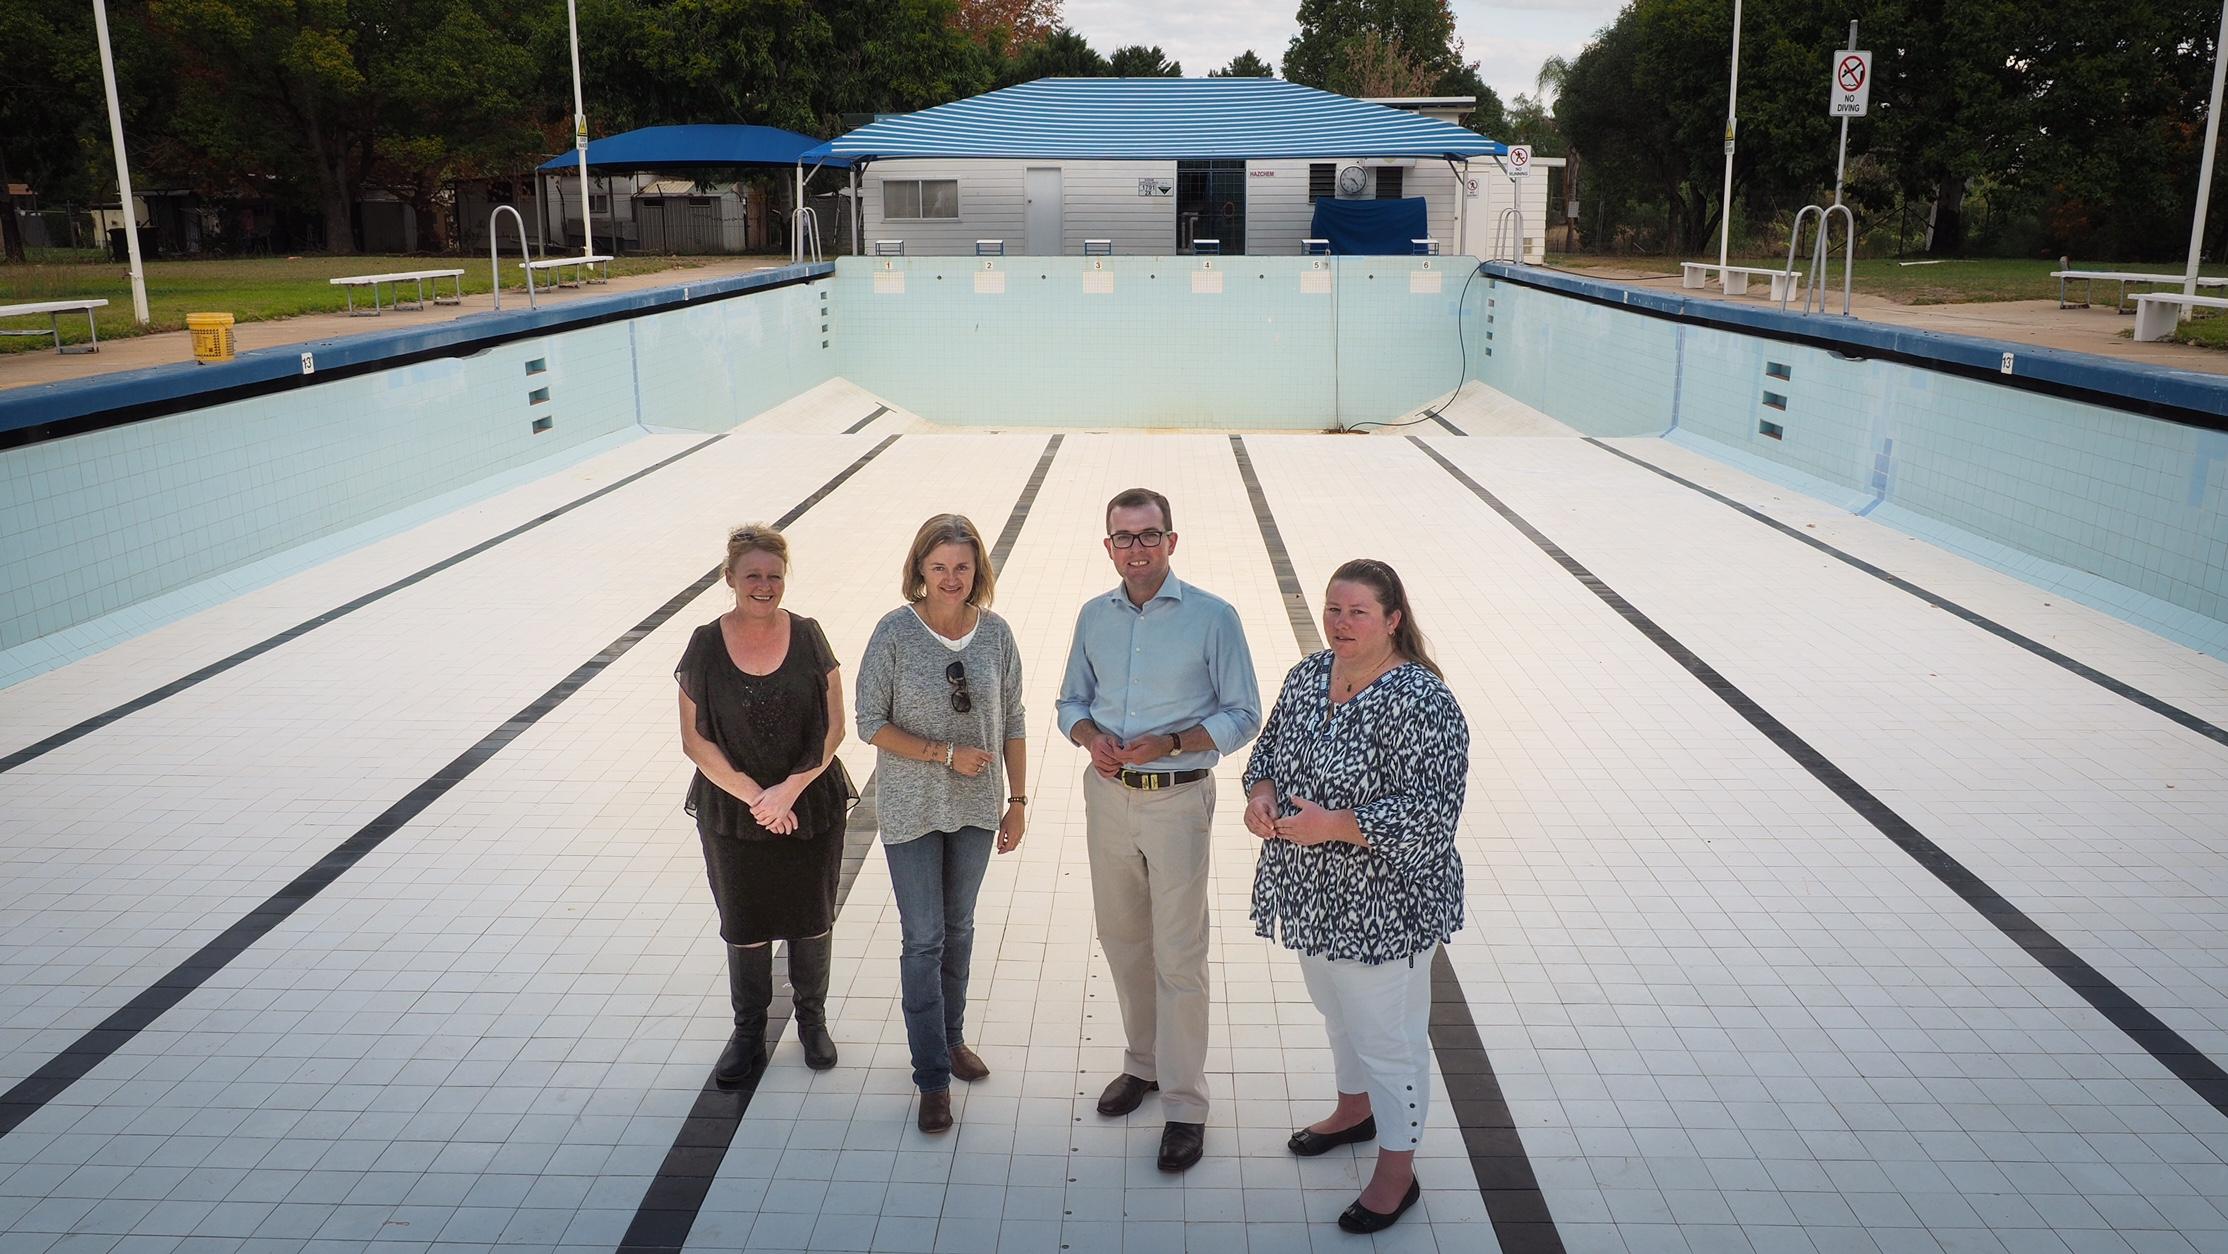 3 000 For New Starting Blocks At Bingara Pool Adam Marshall